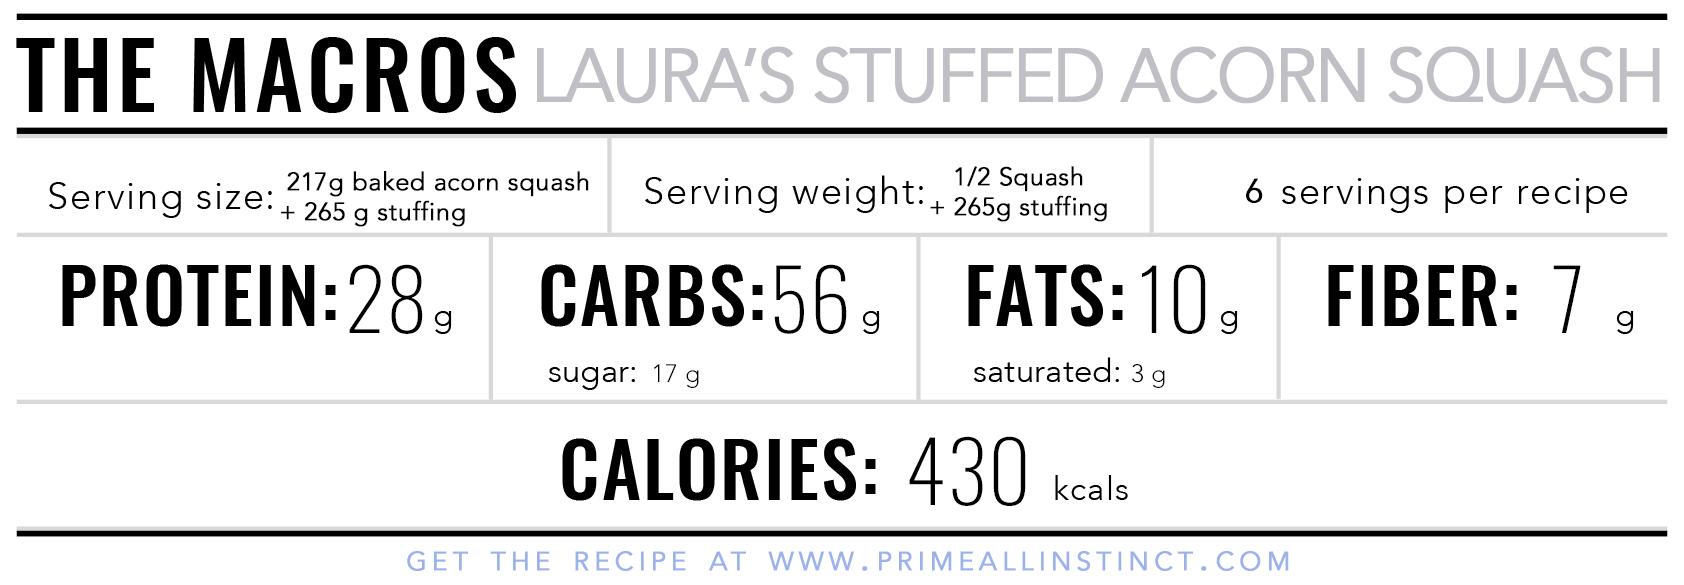 R11_Laura's Stuffed Acorn Squash.png